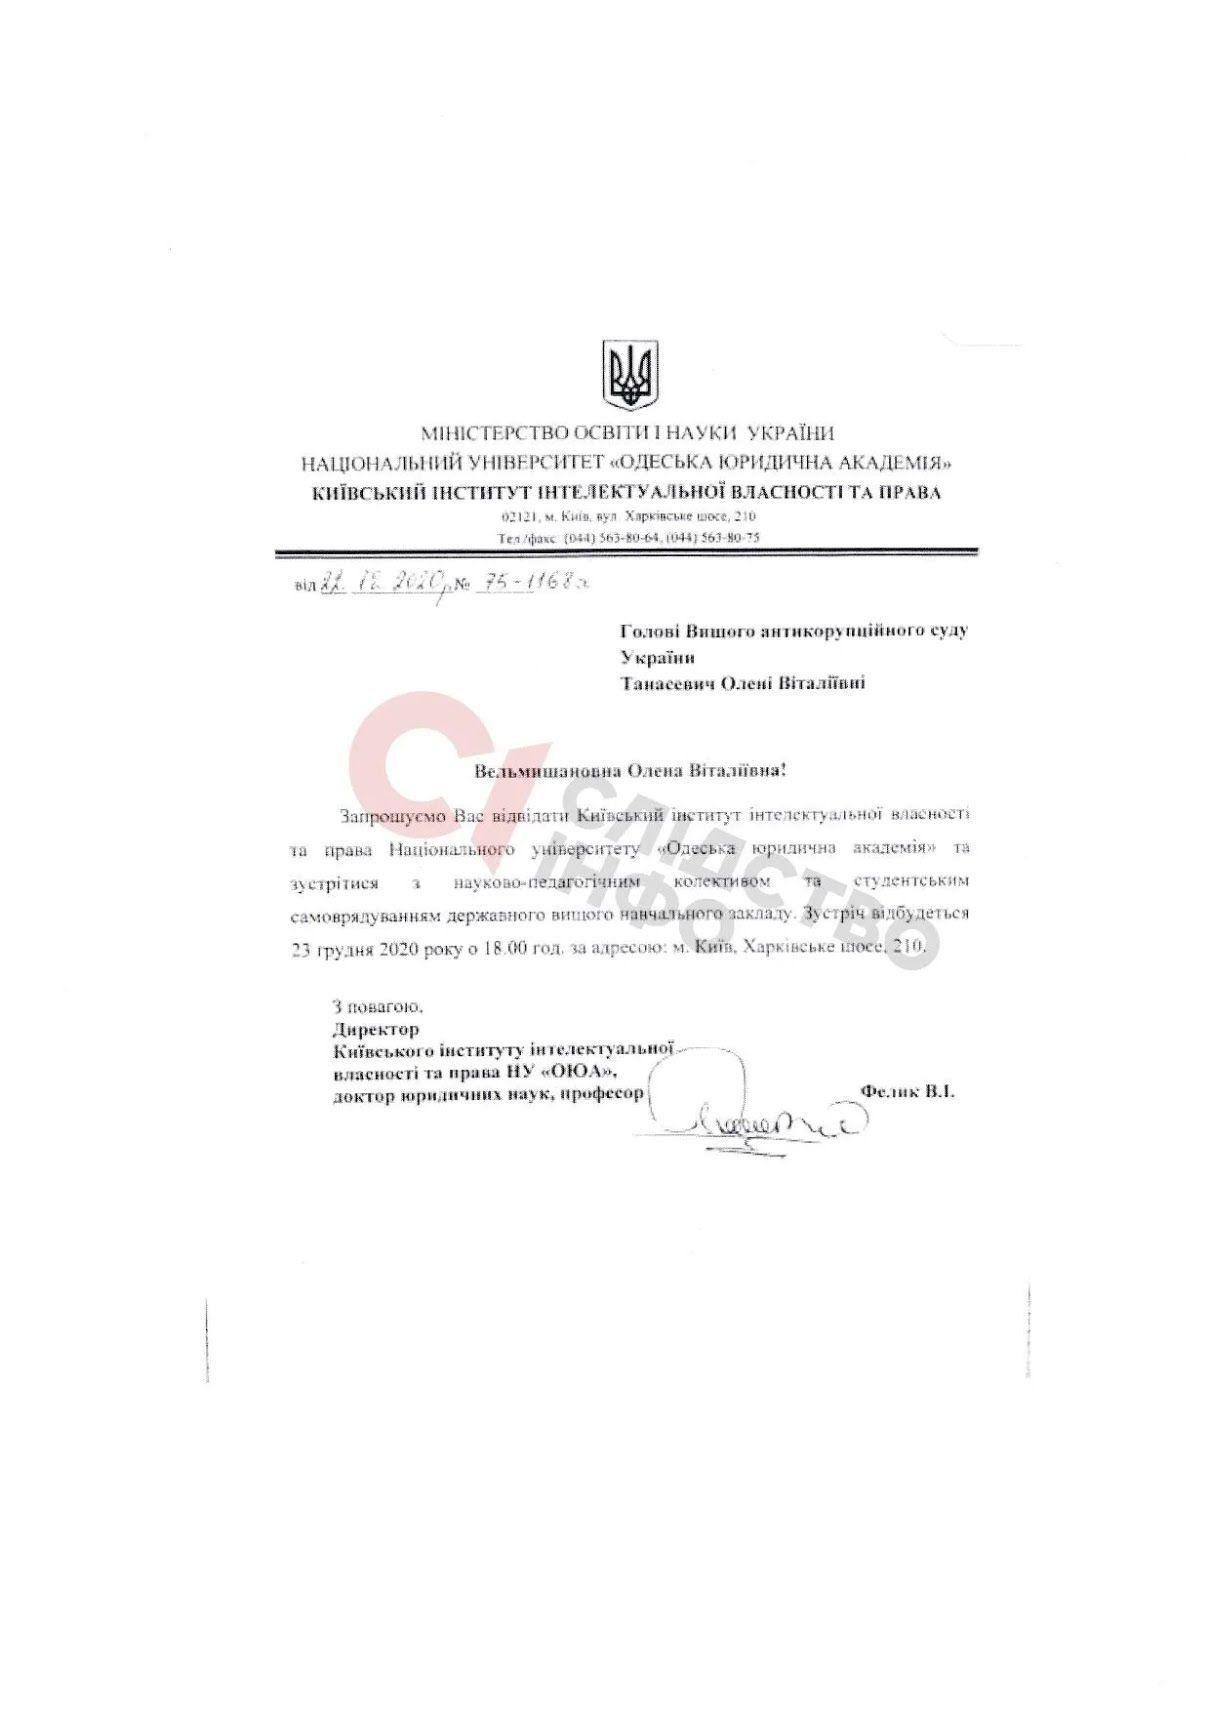 Запрошення для Олени Танасевич від Київського інституту інтелектуальної власності та права